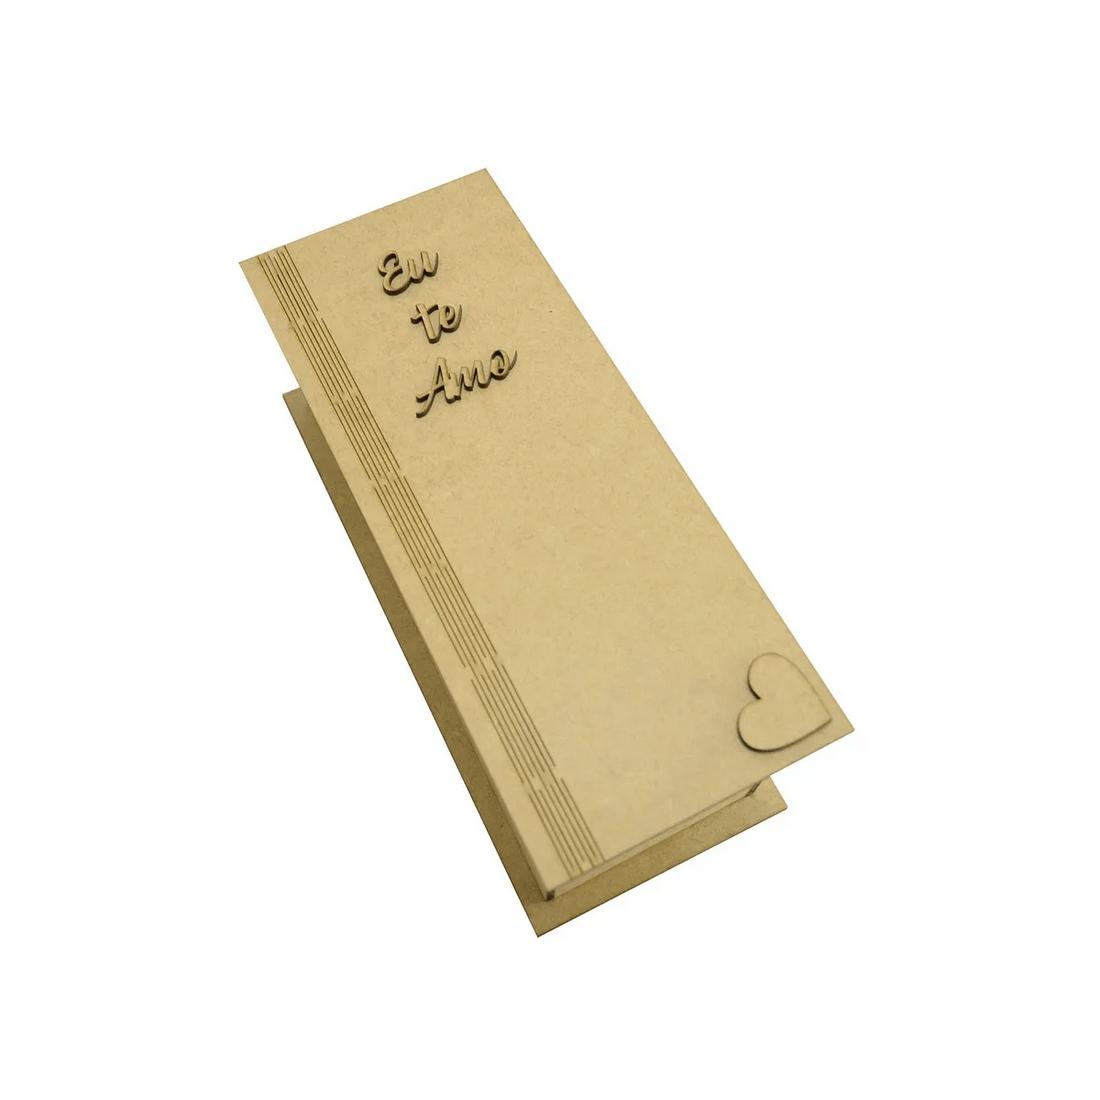 Kit-6-Caixa-Para-Mini-Vinho-Chandon-Tampa-Dobravel-Com-Aplique-Eu-Te-Amo-e-Coracao-Laser-Mdf